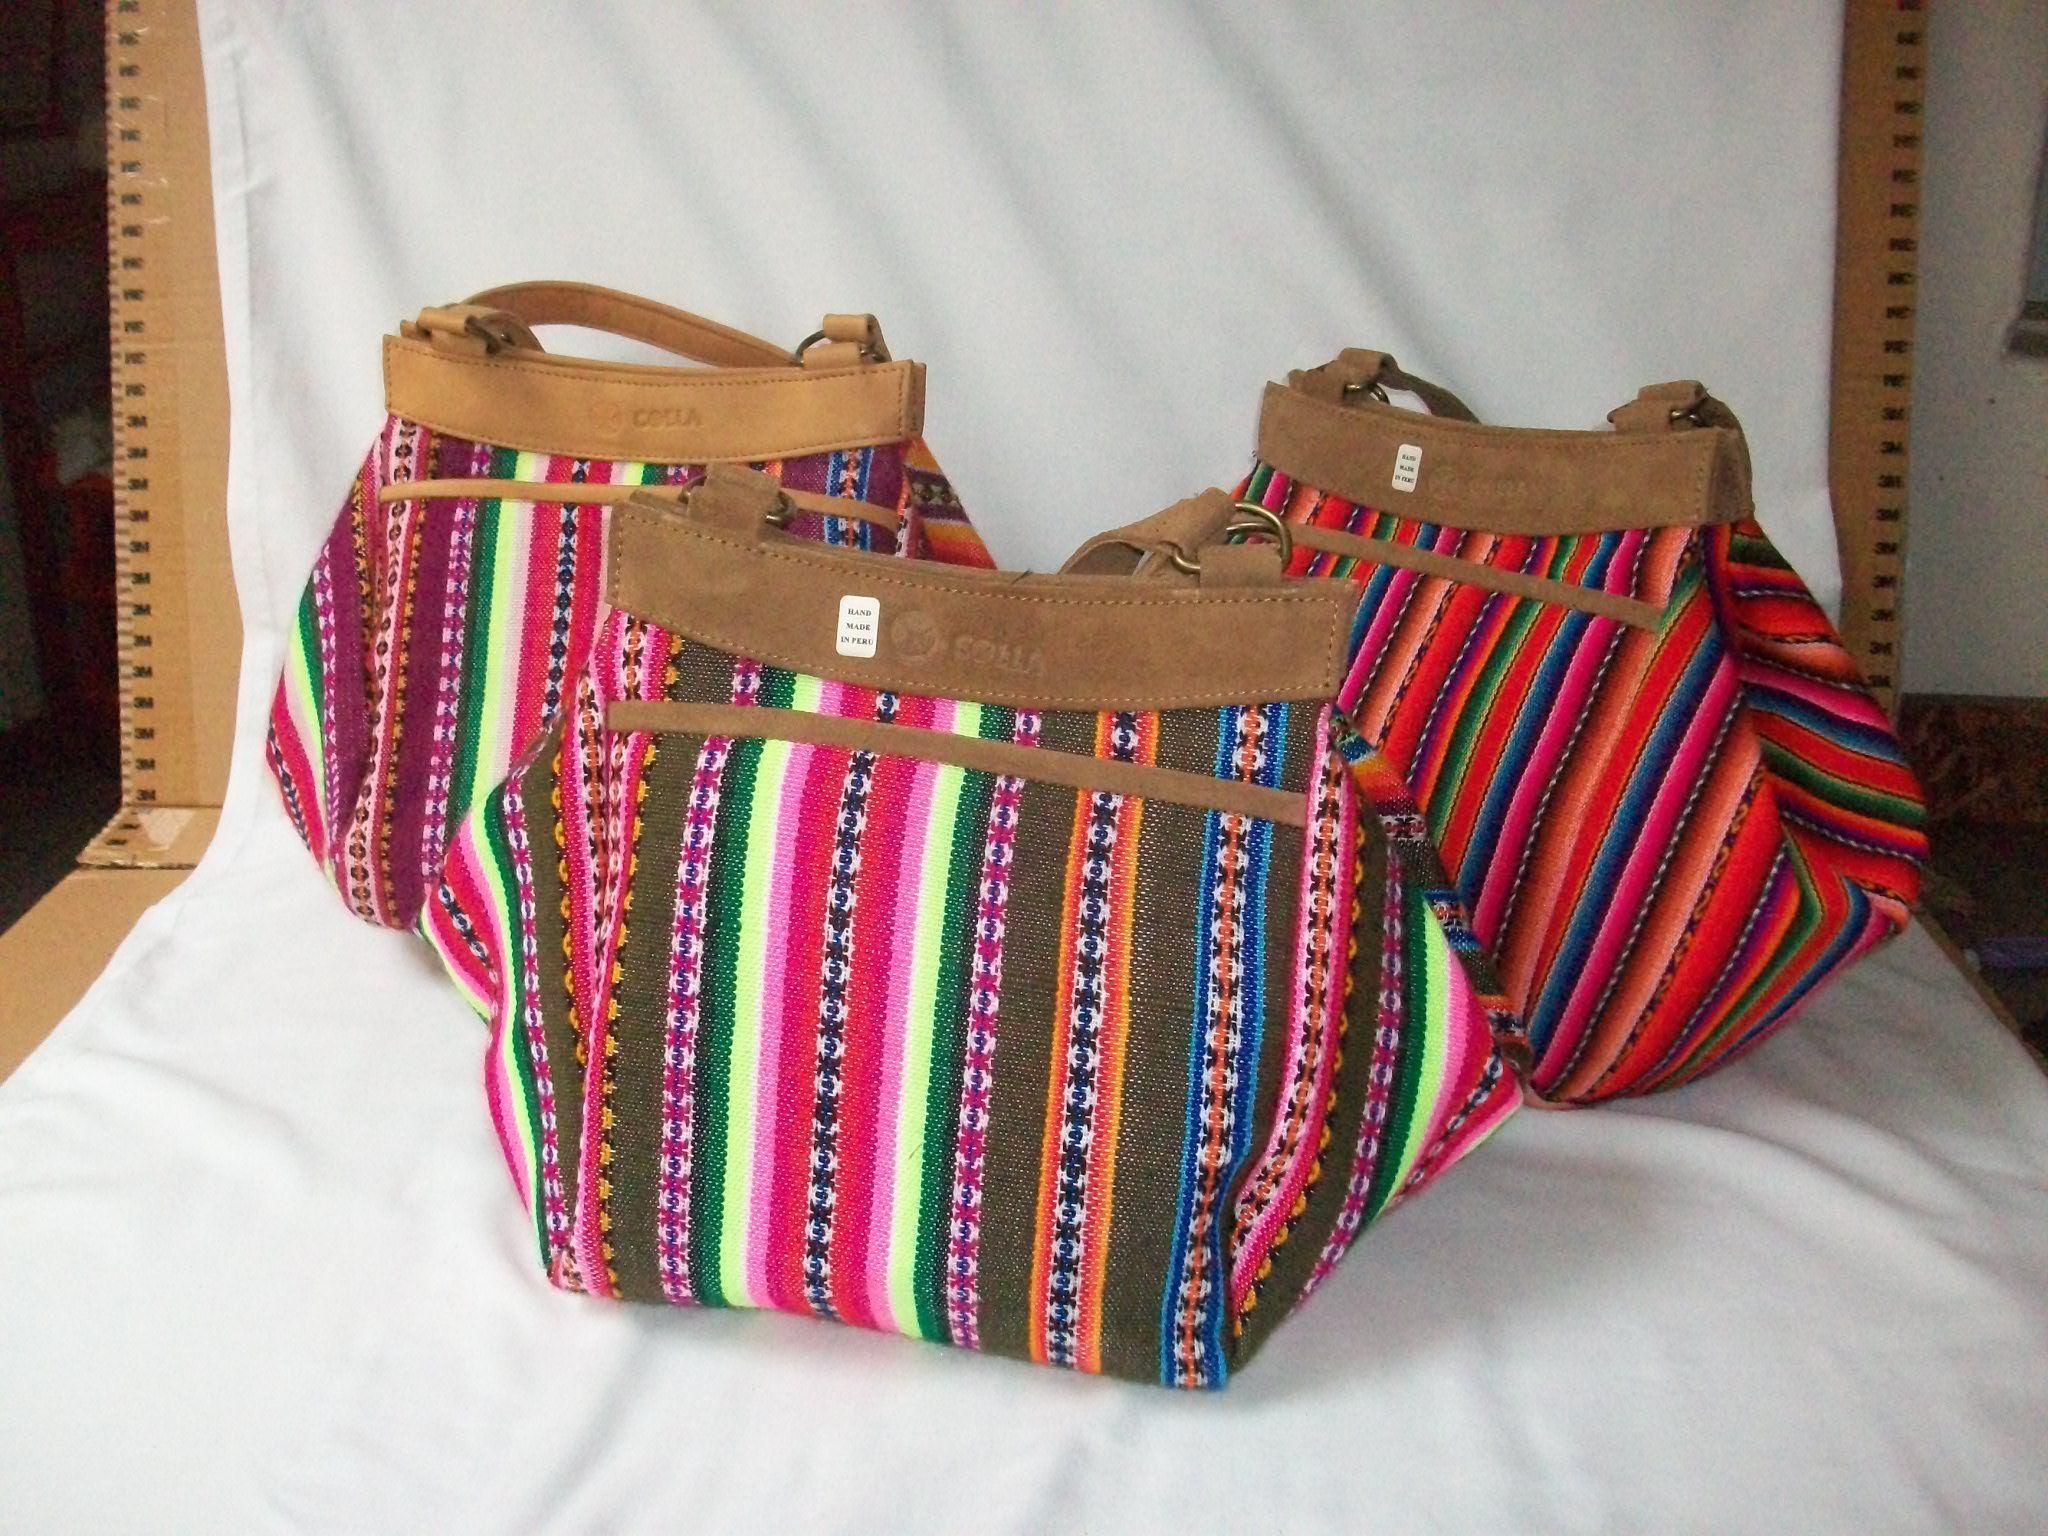 Carteras y bolsos de manta peruana y cuero natural.  c66c509a887